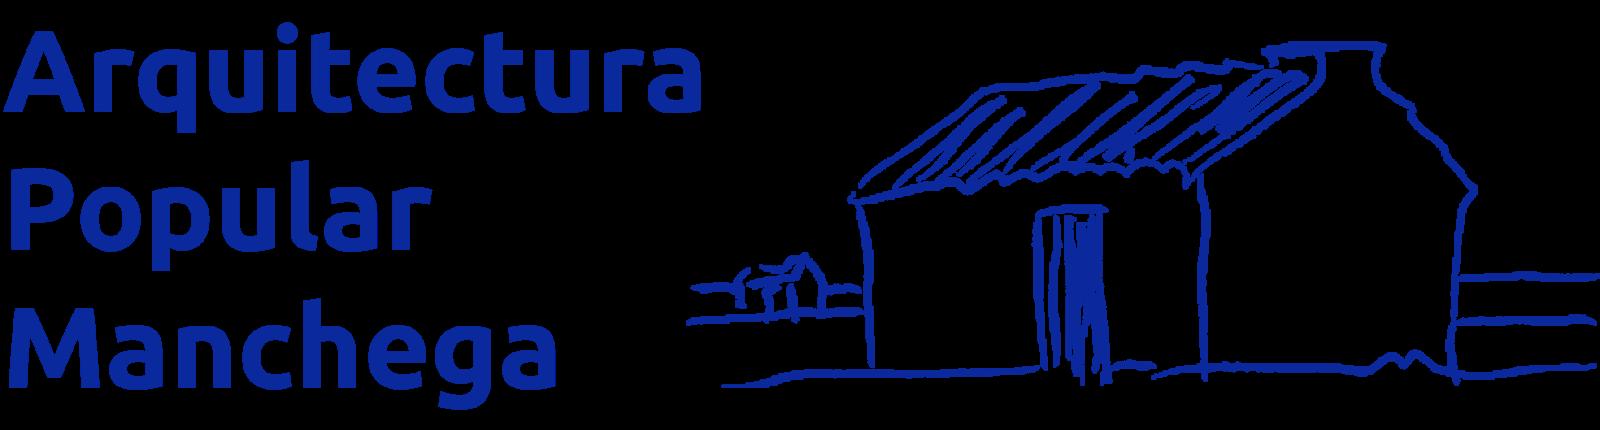 Arquitectura Popular Manchega